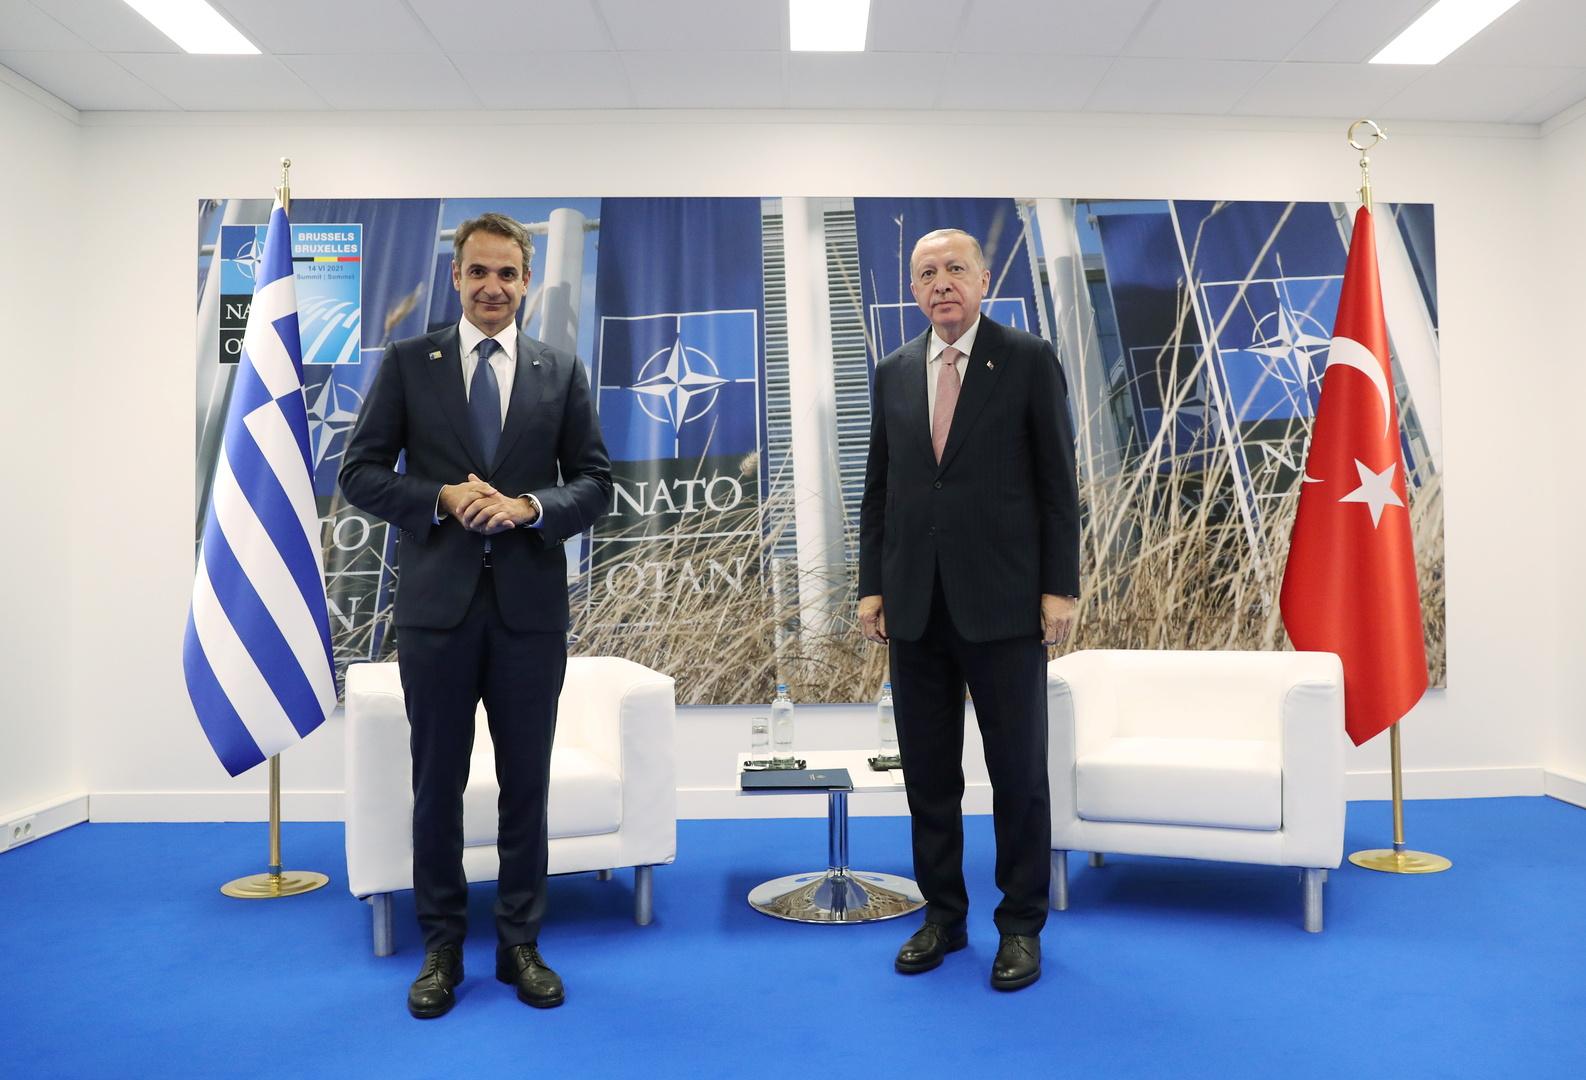 مصادر: زعيما تركيا واليونان يتوصلان إلى تفاهم لمنع تكرار توتر 2020